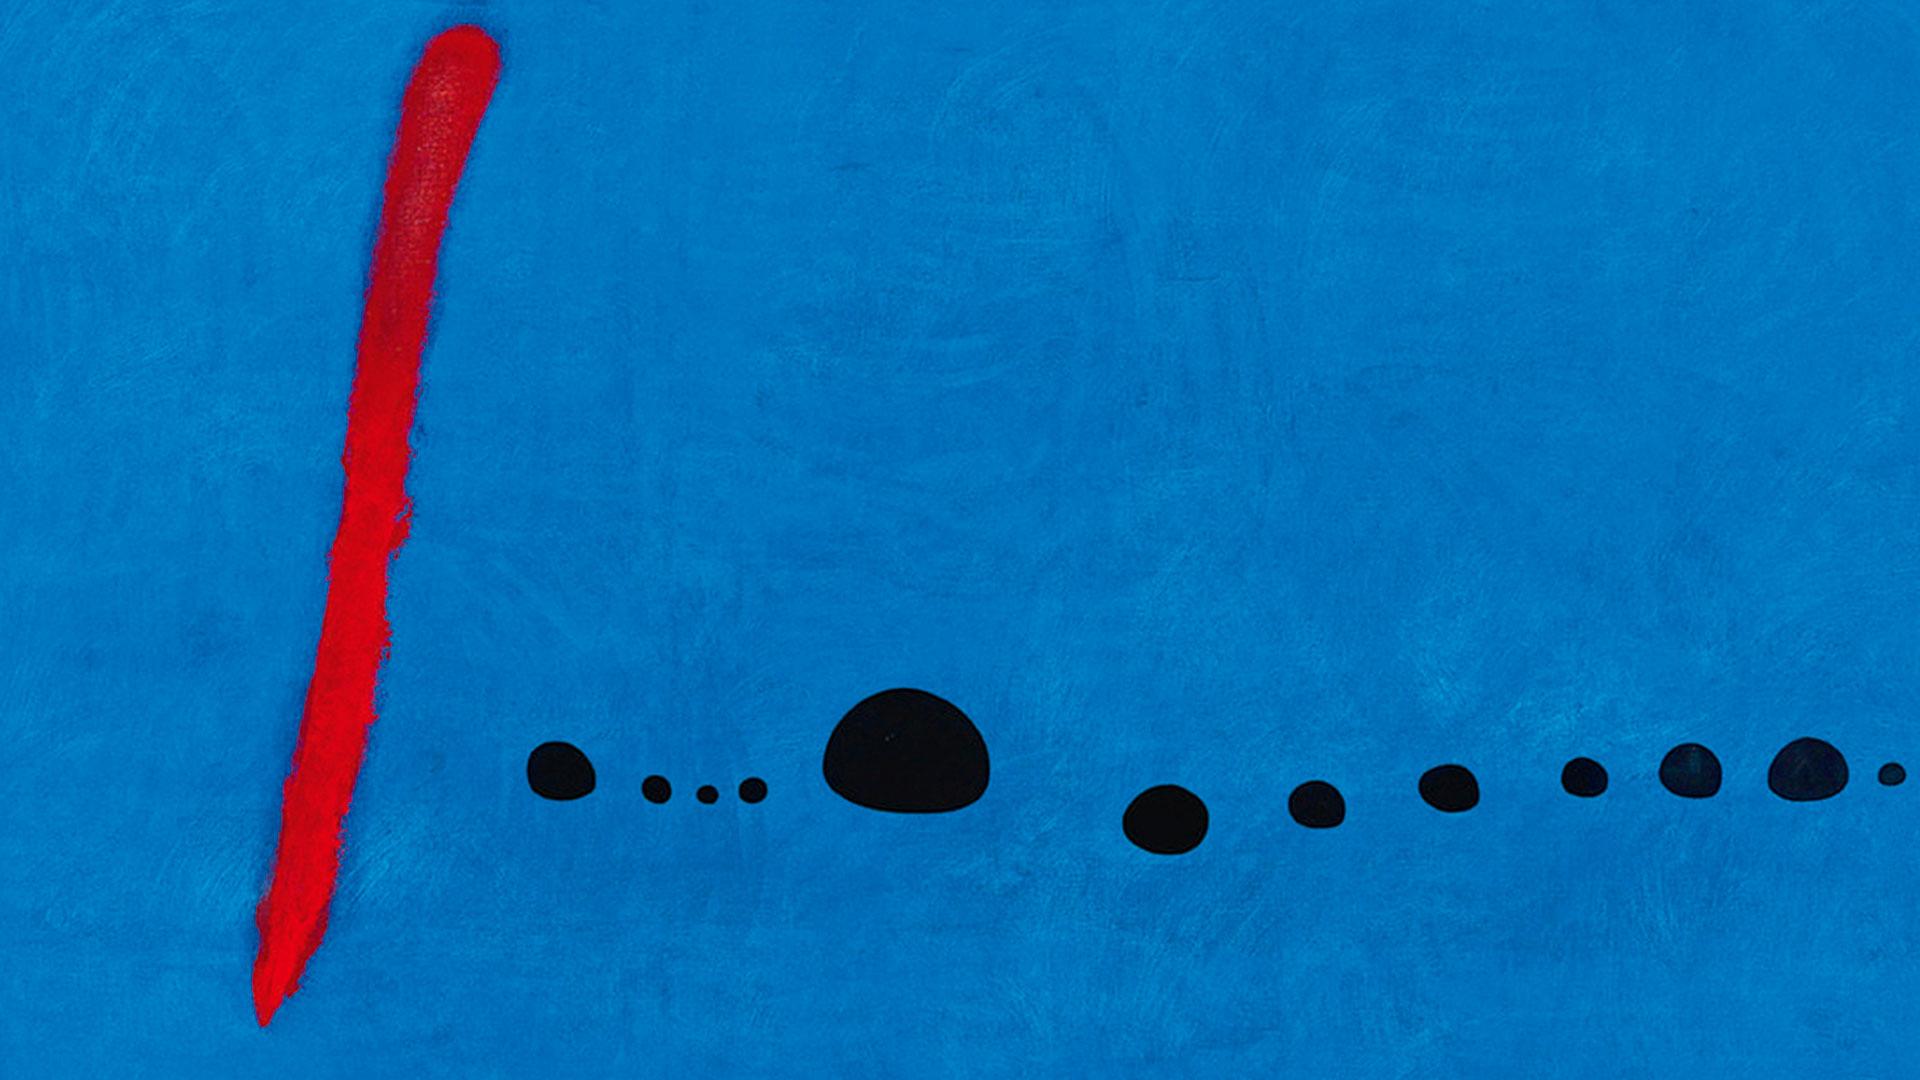 Pintura de Joan Miró expuesta en el Grand Palais de París